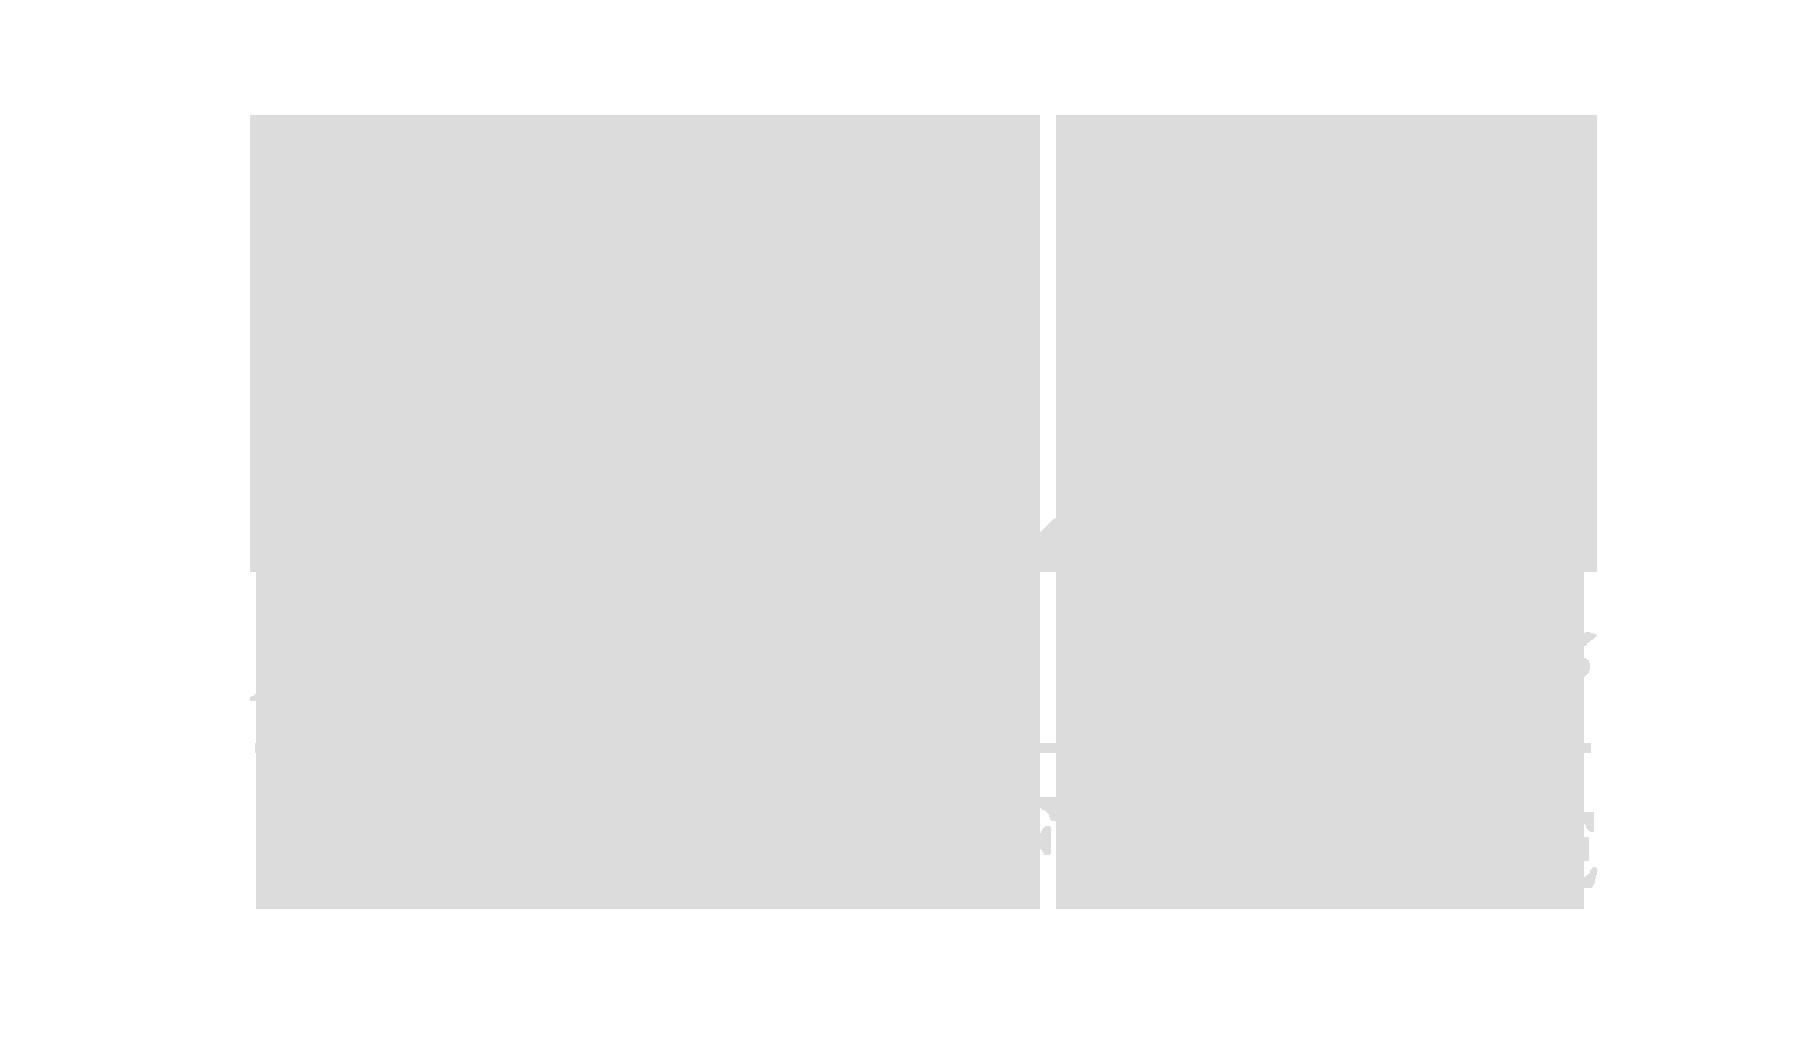 FRENCHREP